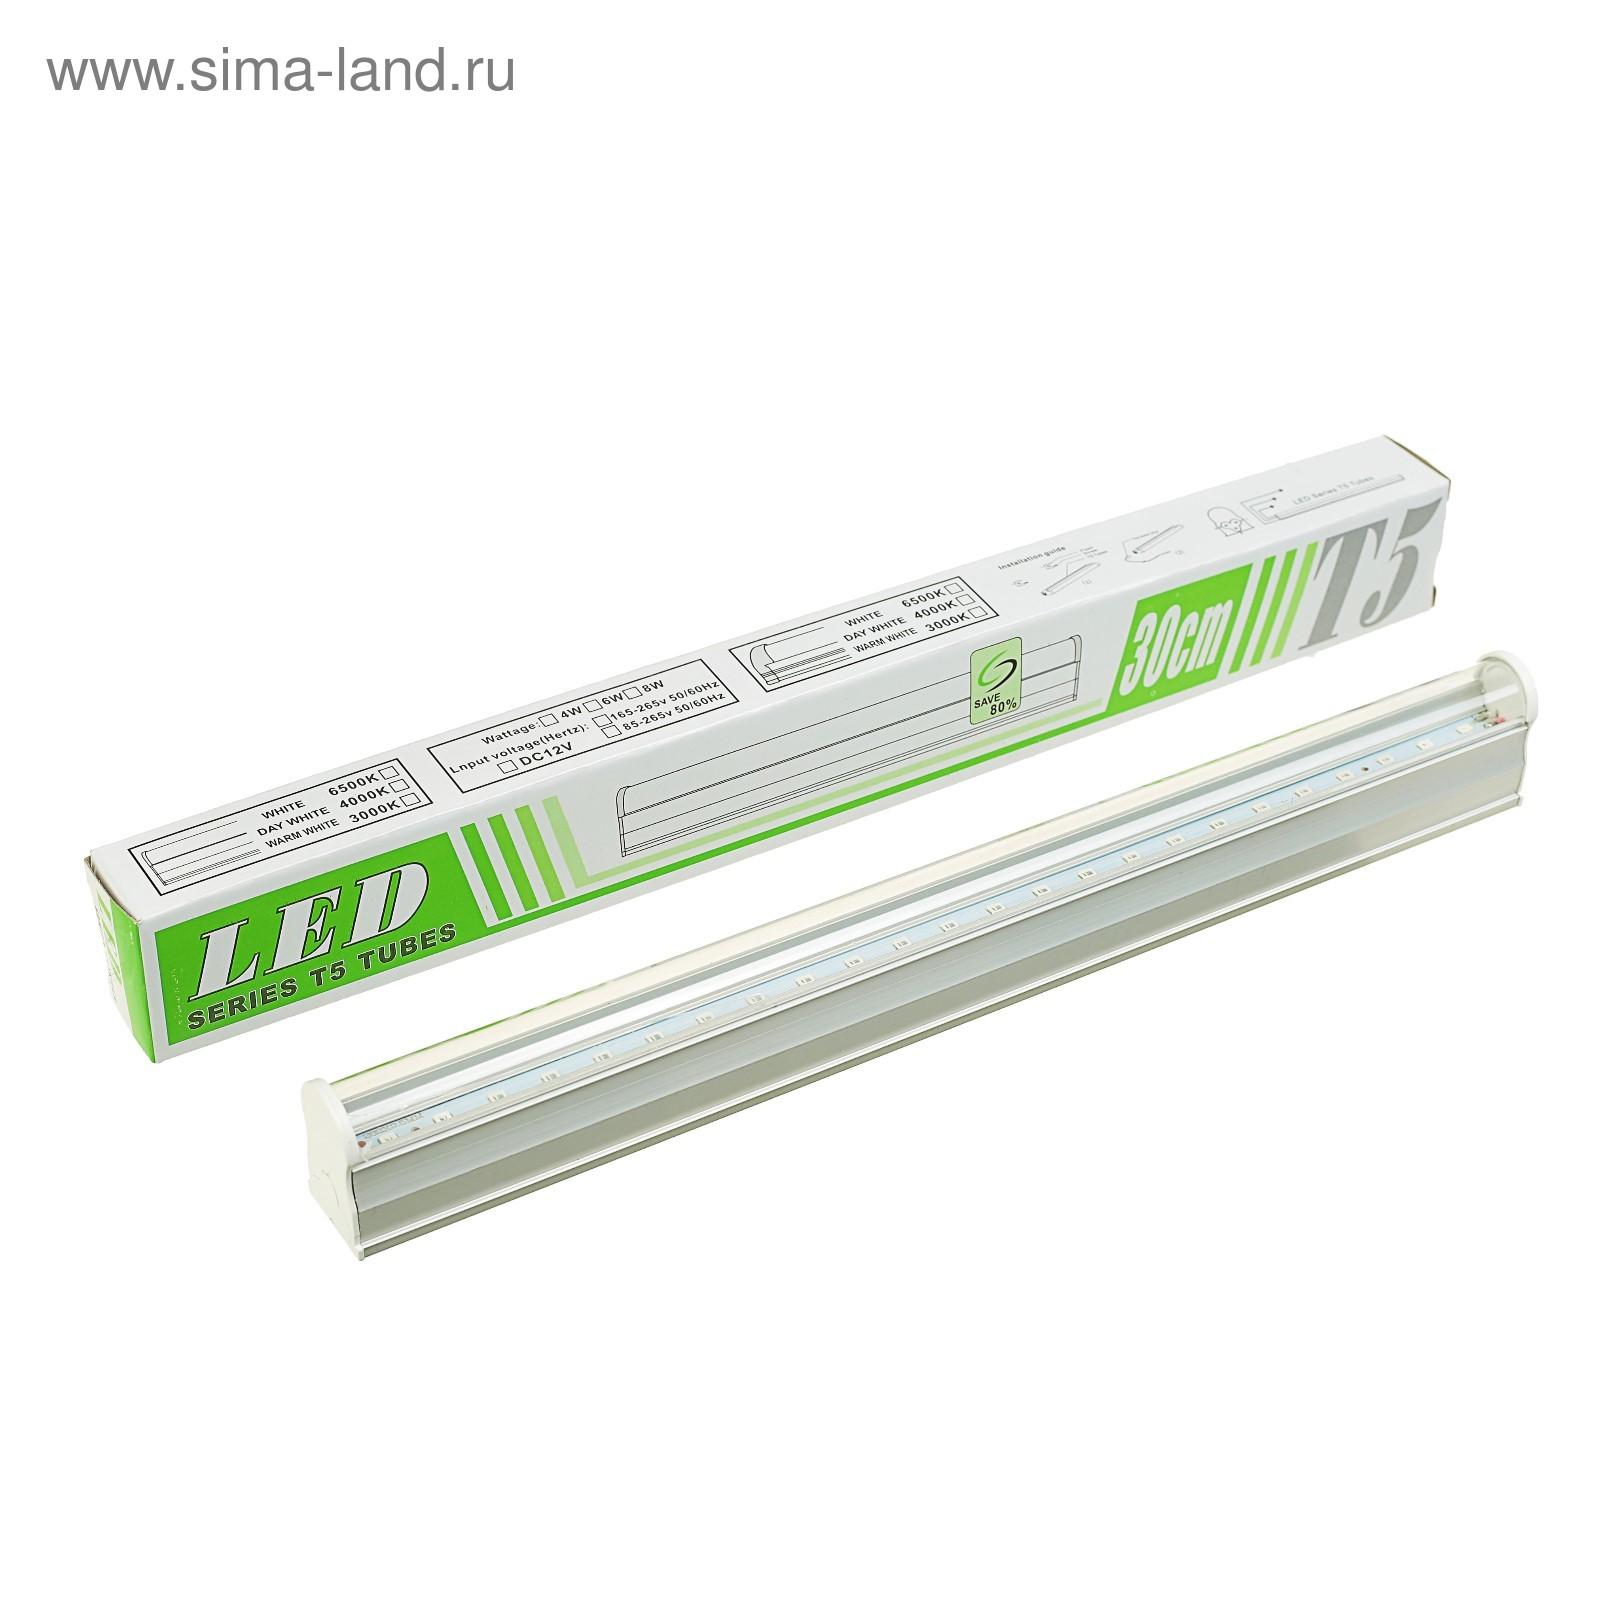 cf2a8a0dfca2 Светодиодный светильник для растений Luazon 5 Вт, 290 мм, 220В ...